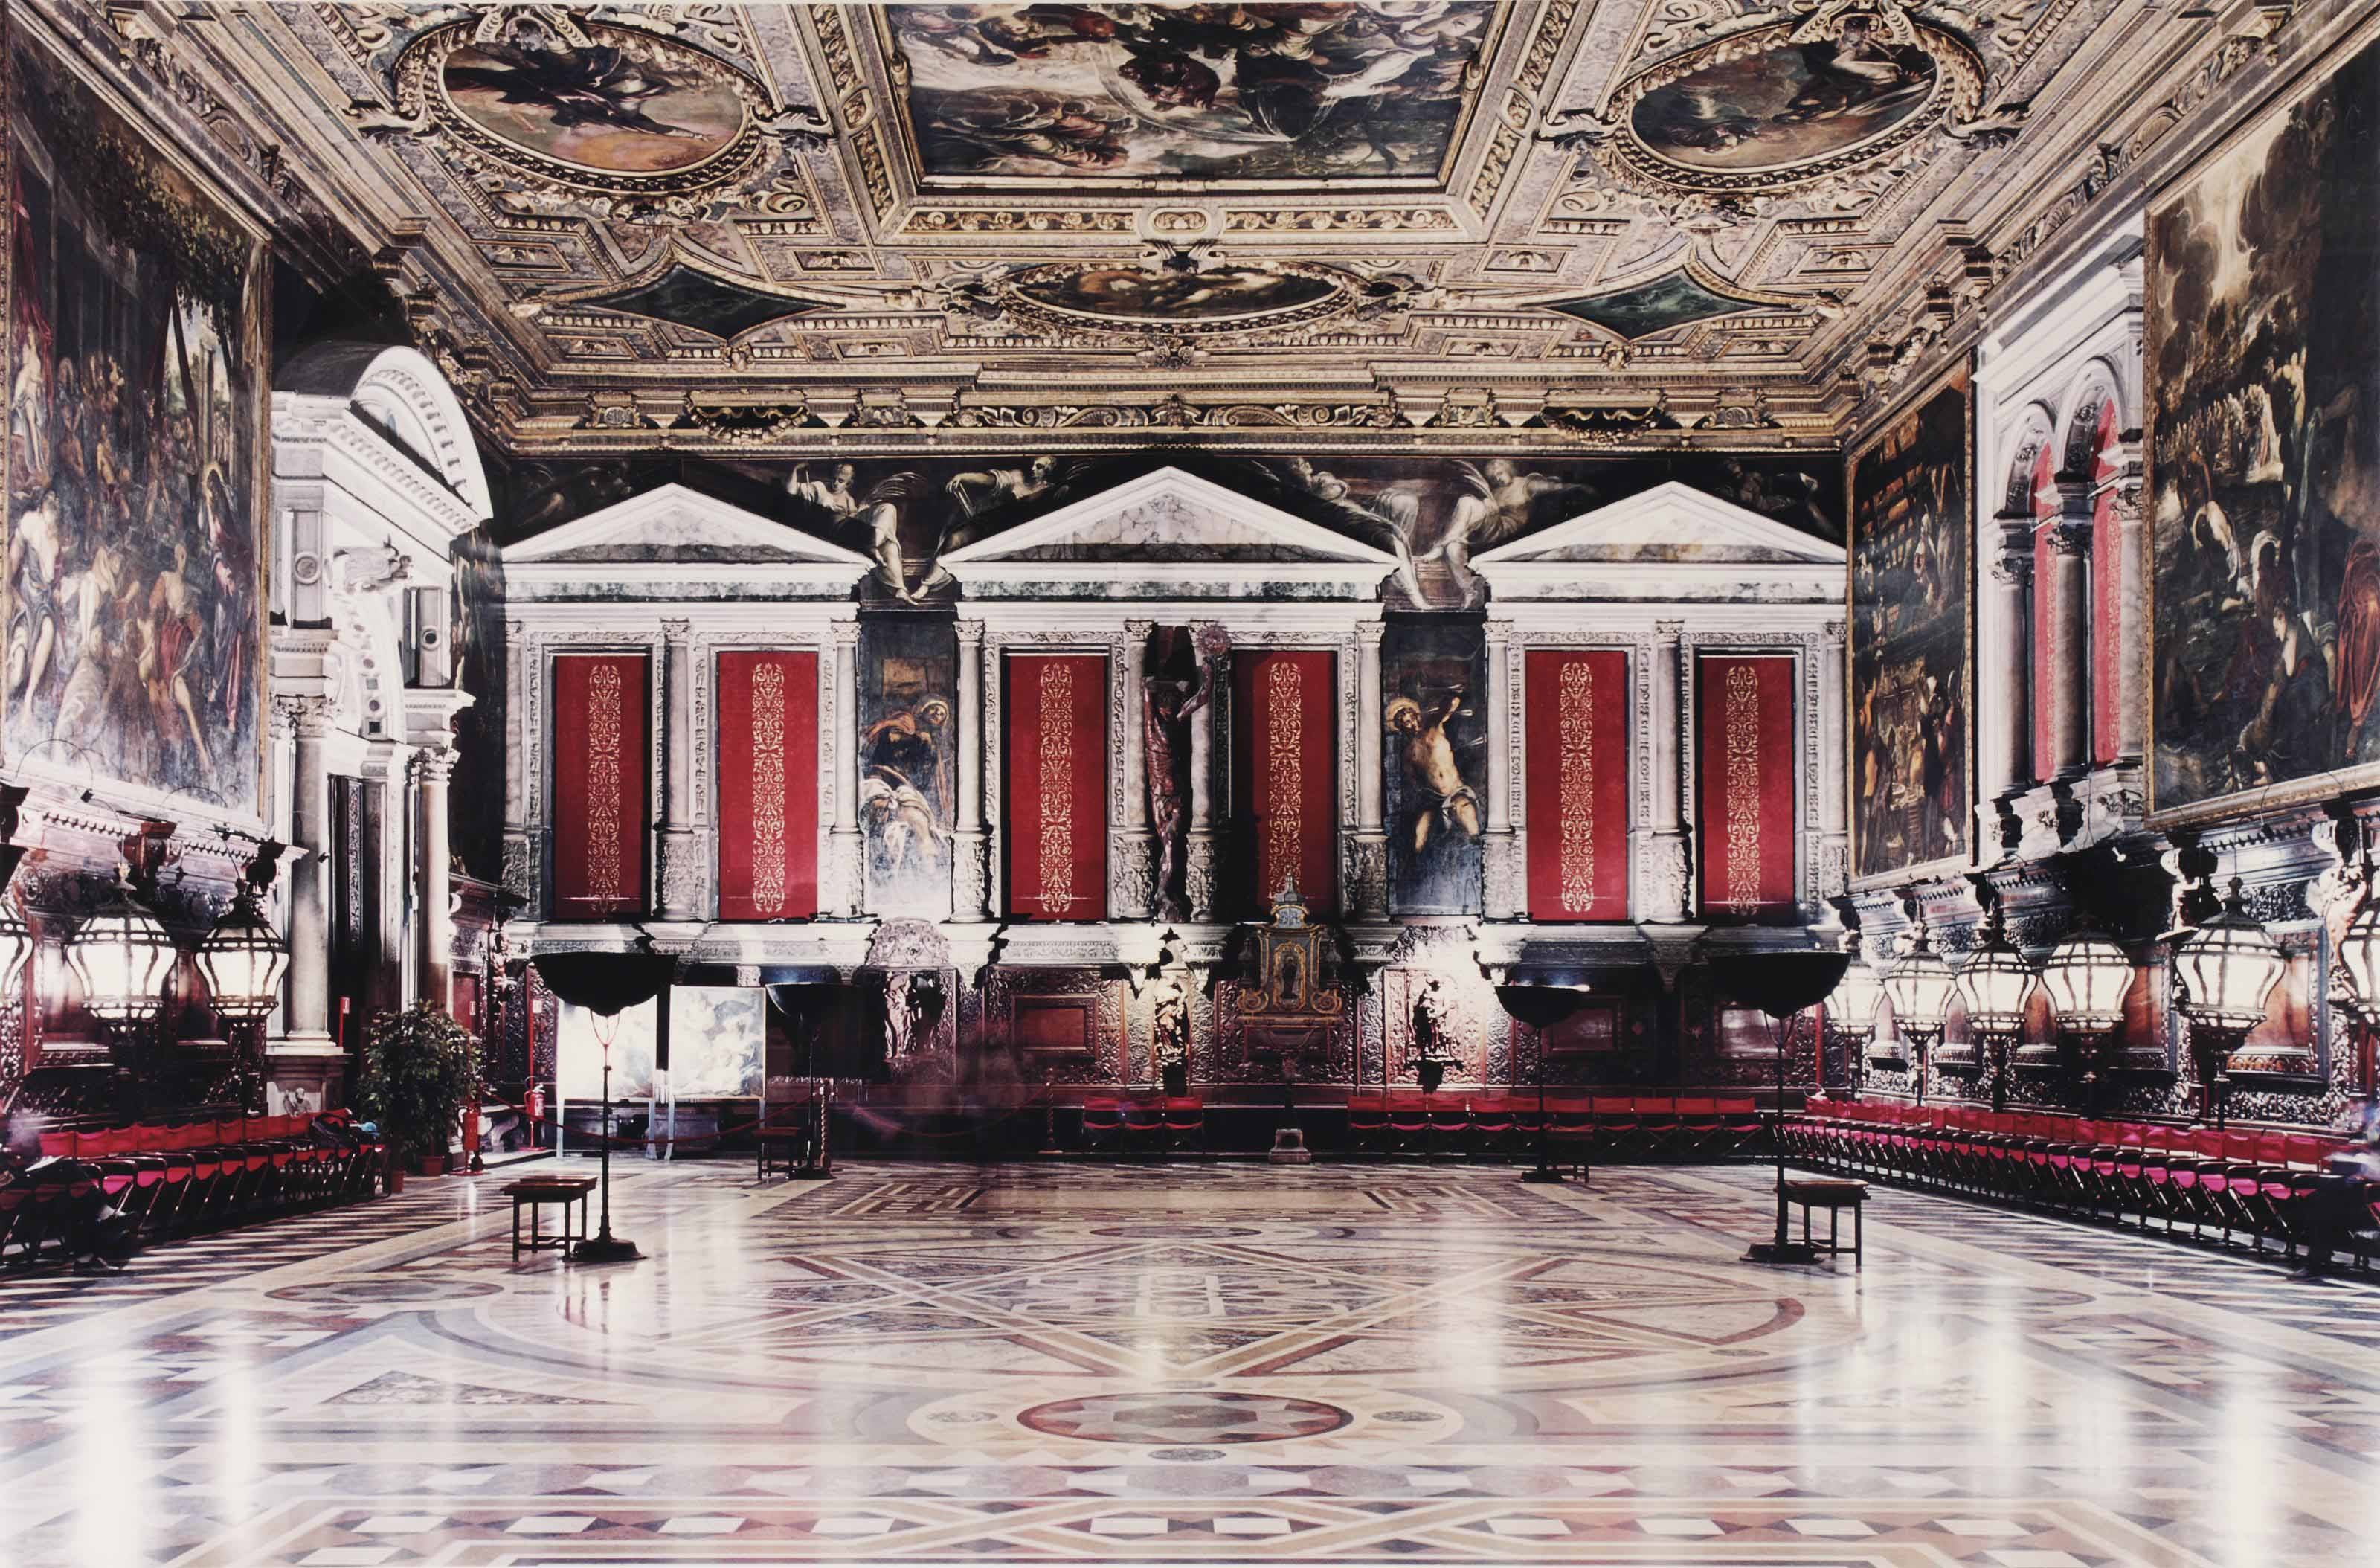 Scuola Grande Arcionfraternita di S. Rocco Venezia I